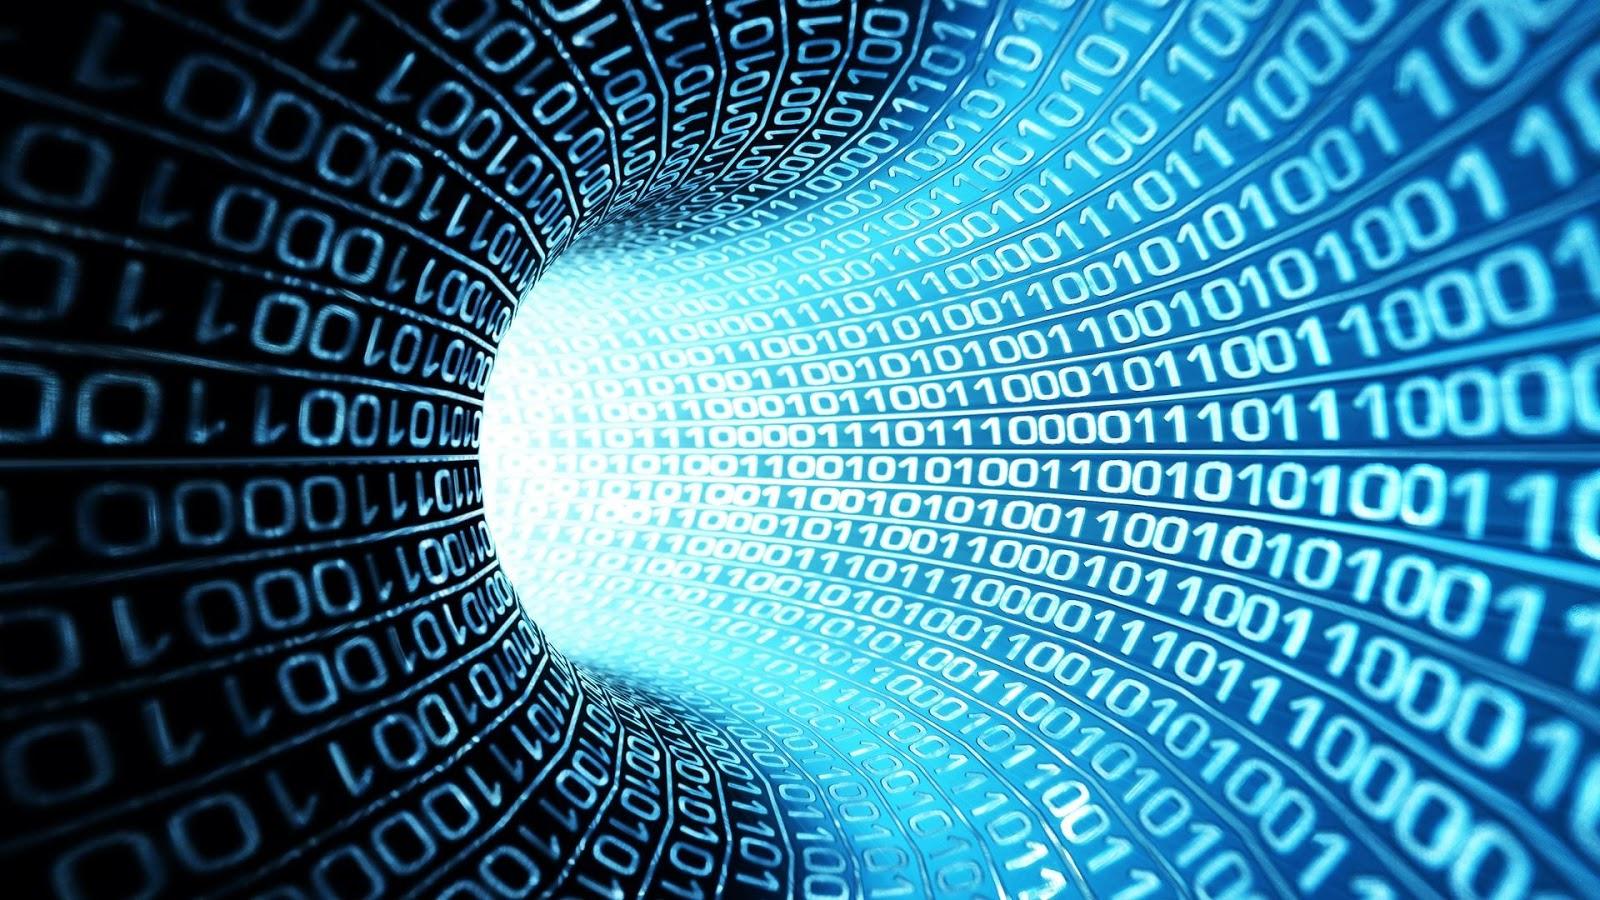 http://1.bp.blogspot.com/-GcffDp64hXA/UHwW0fY0ZSI/AAAAAAAACq4/V3iL_DQ9RVU/s1600/binary-number-tunnel-1080p-hd-wallpaper.jpg